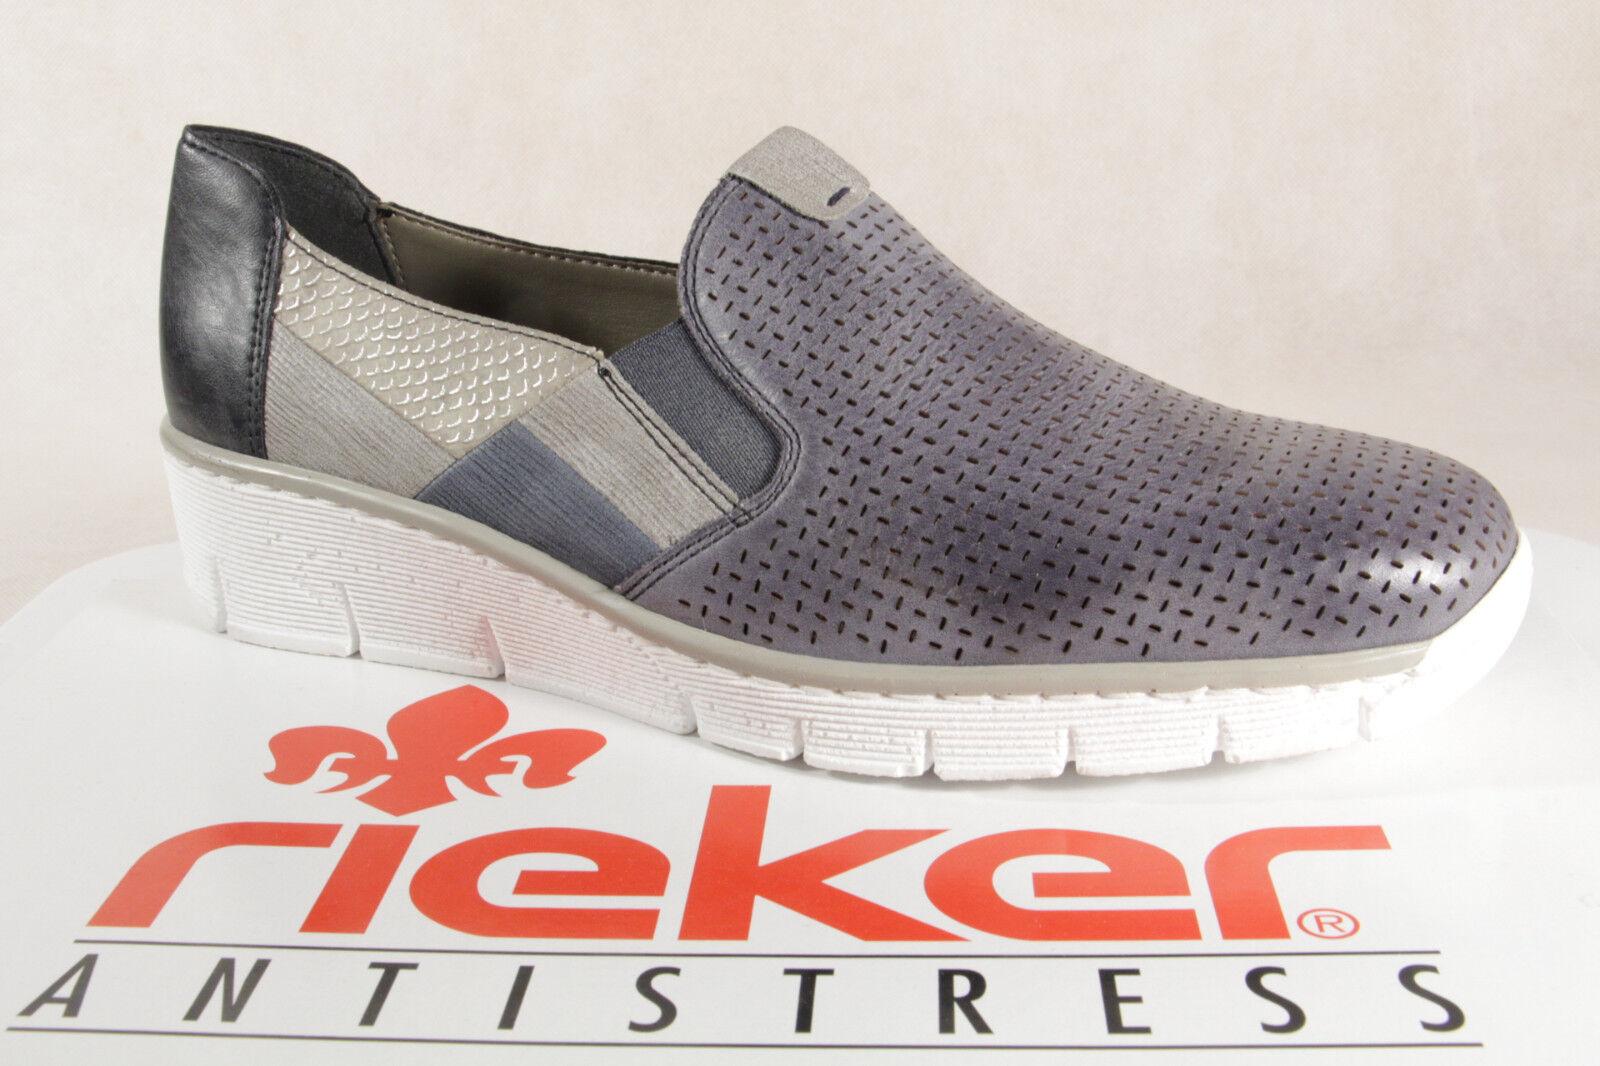 Rieker Scarpe Donne Scarpe Scarpe  Scarpe Scarpe Scarpe Scarpe Ballerina Scarpe Blu, 53757 Nuovo  economico e di alta qualità